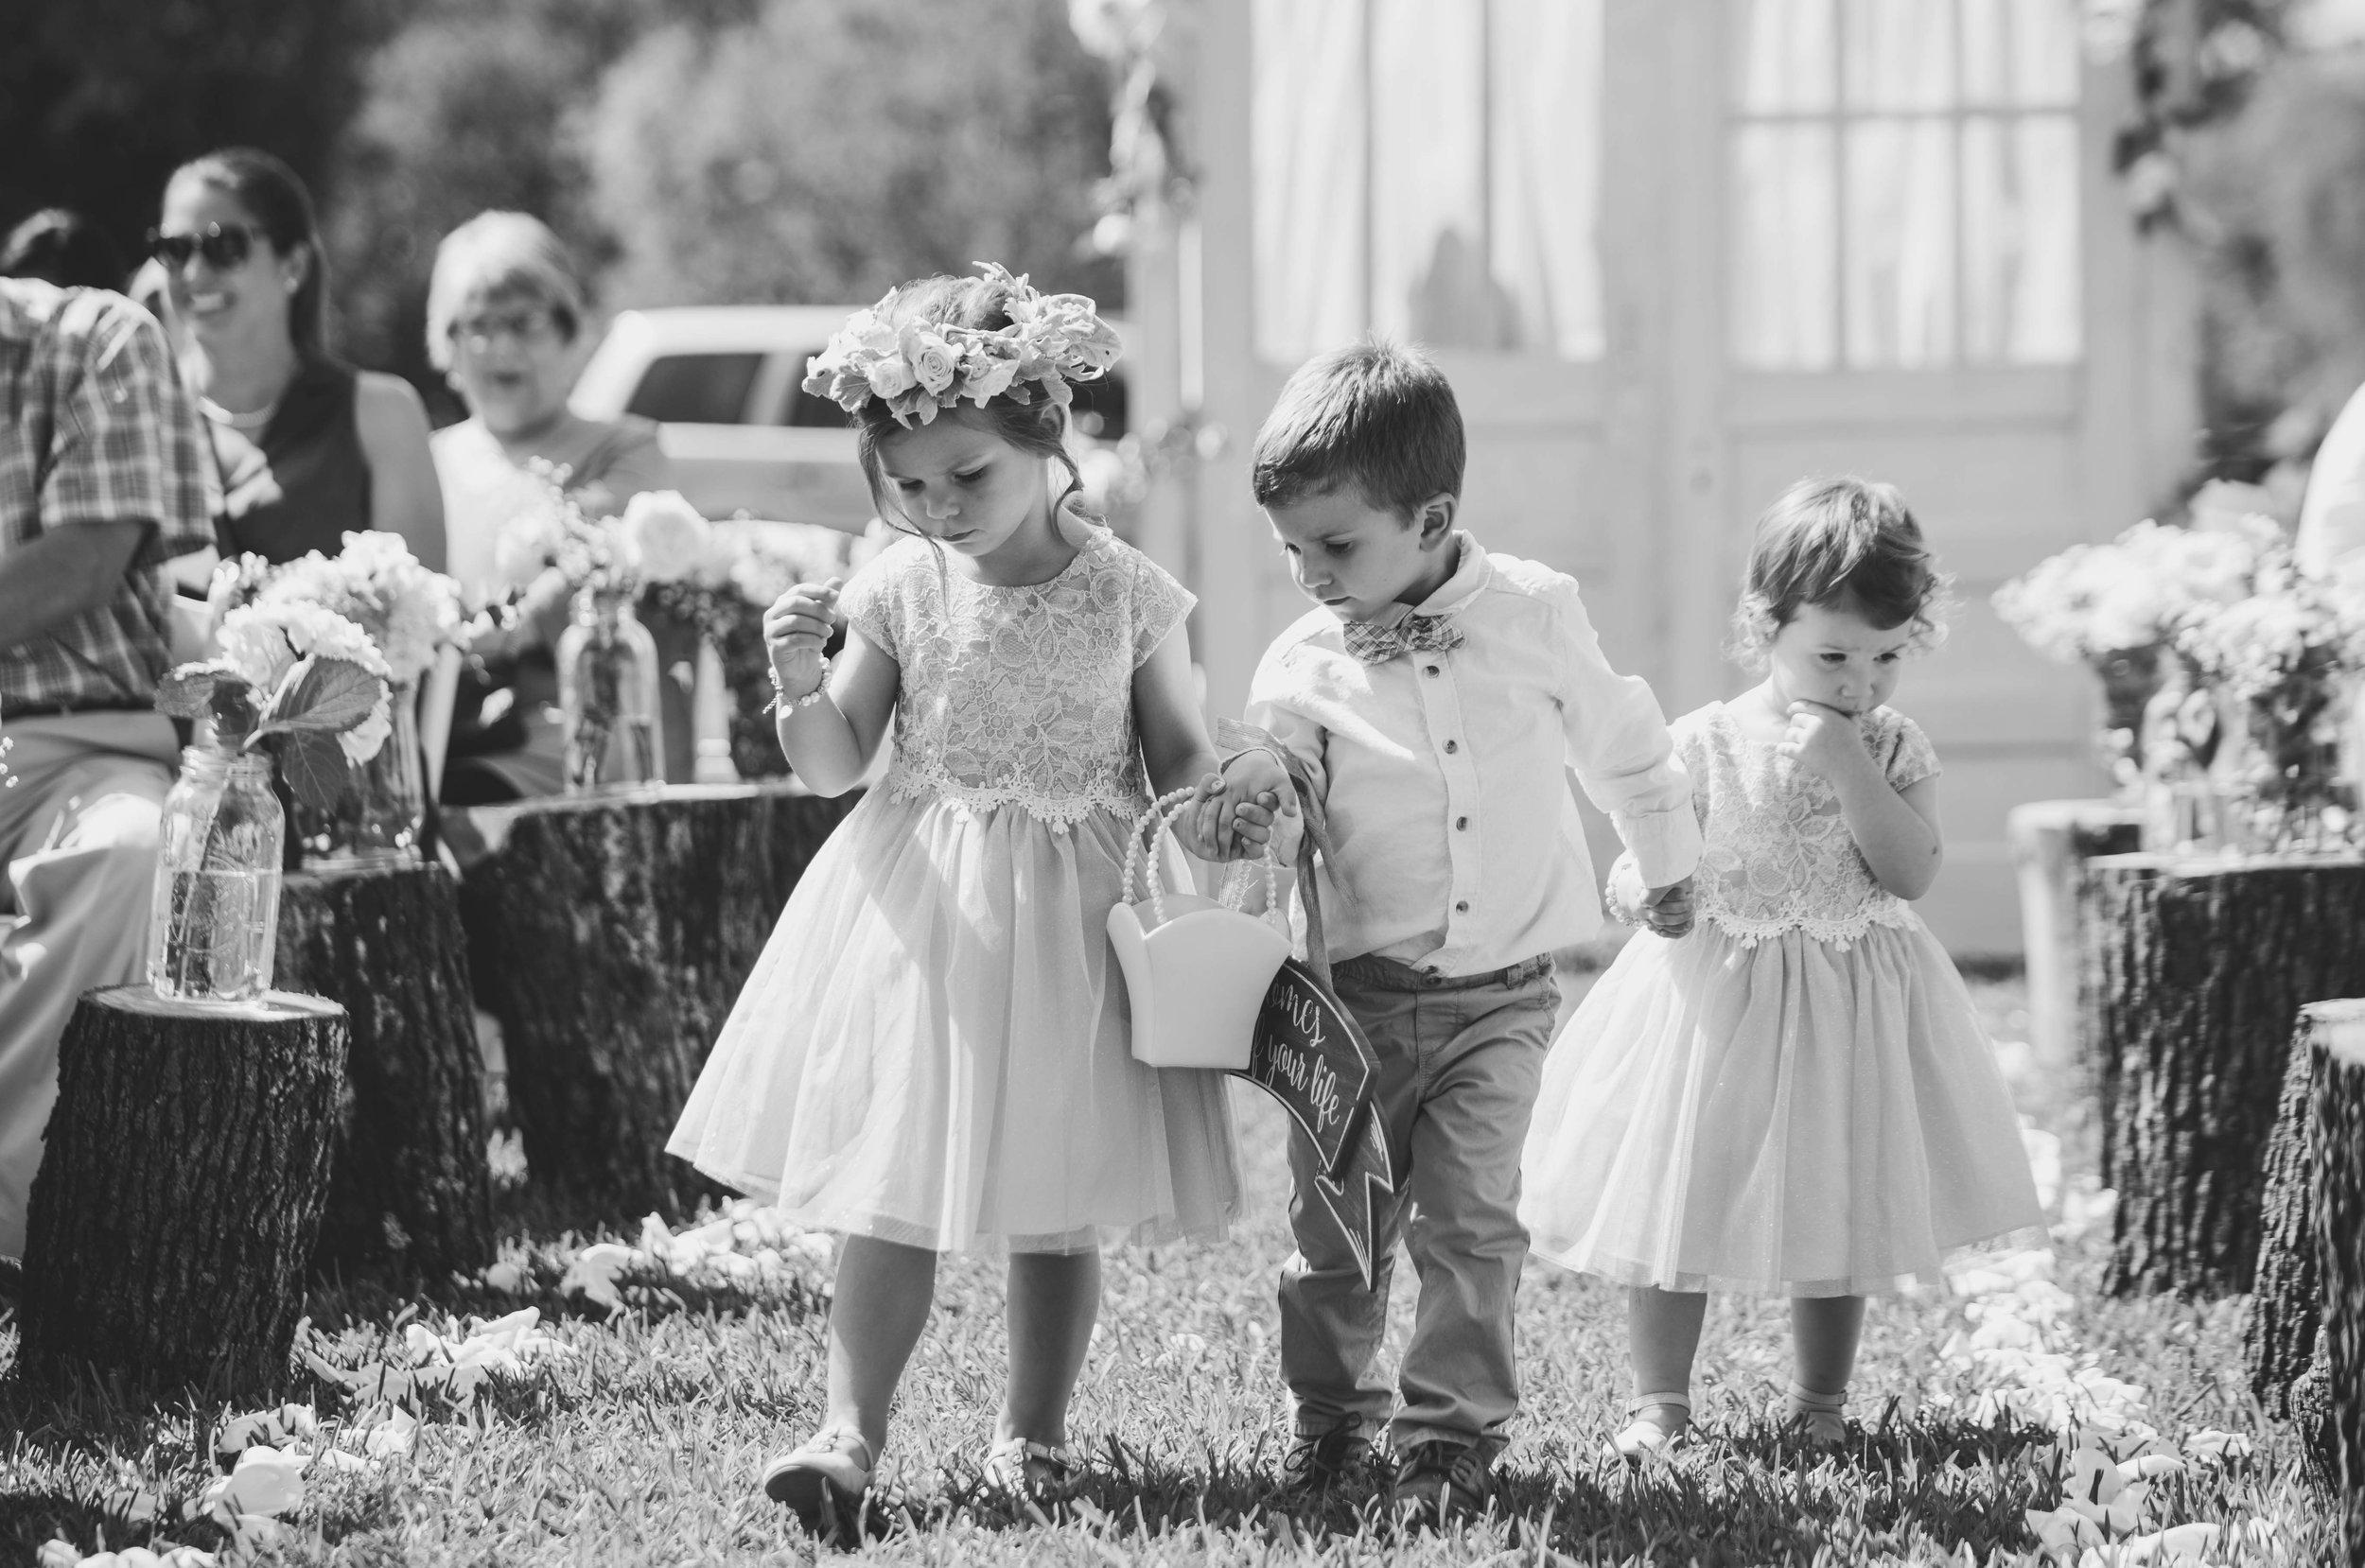 ATGI_Susanna & Matt Wedding_717A7540.jpg